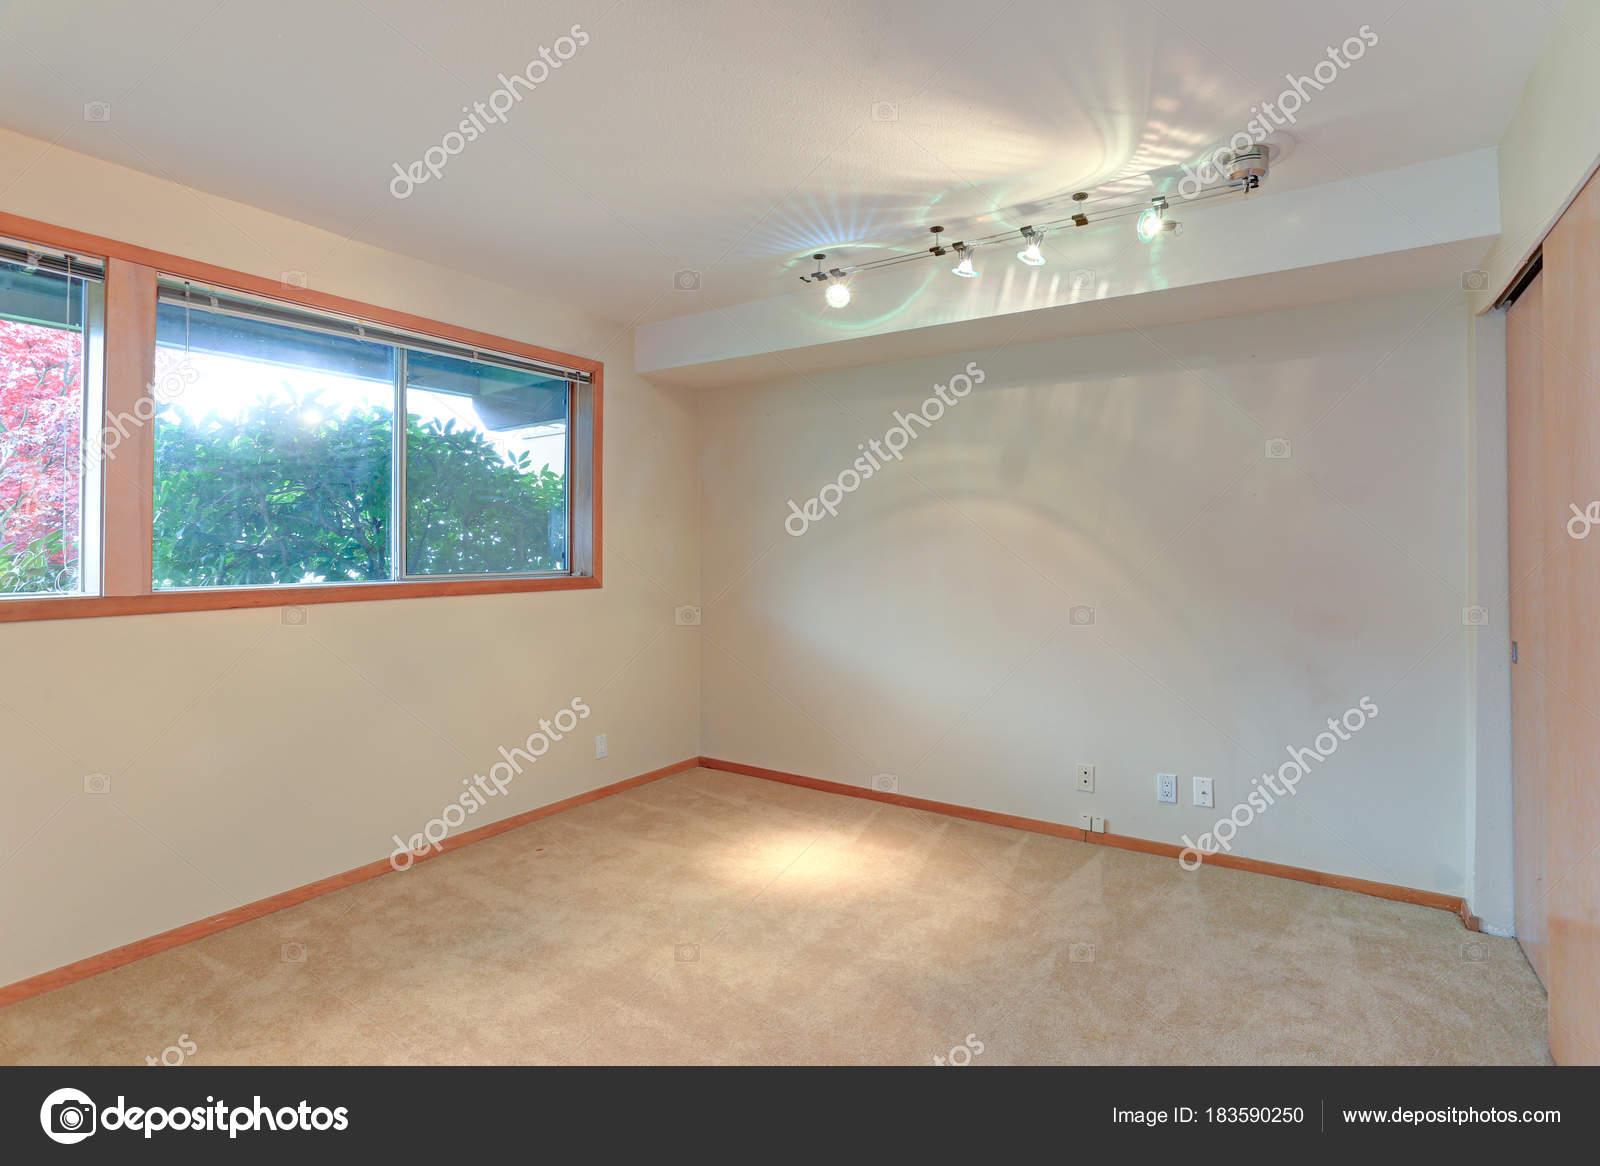 Pareti Bianche E Beige : Caratteristiche interne stanza vuota pareti bianche e pavimento in